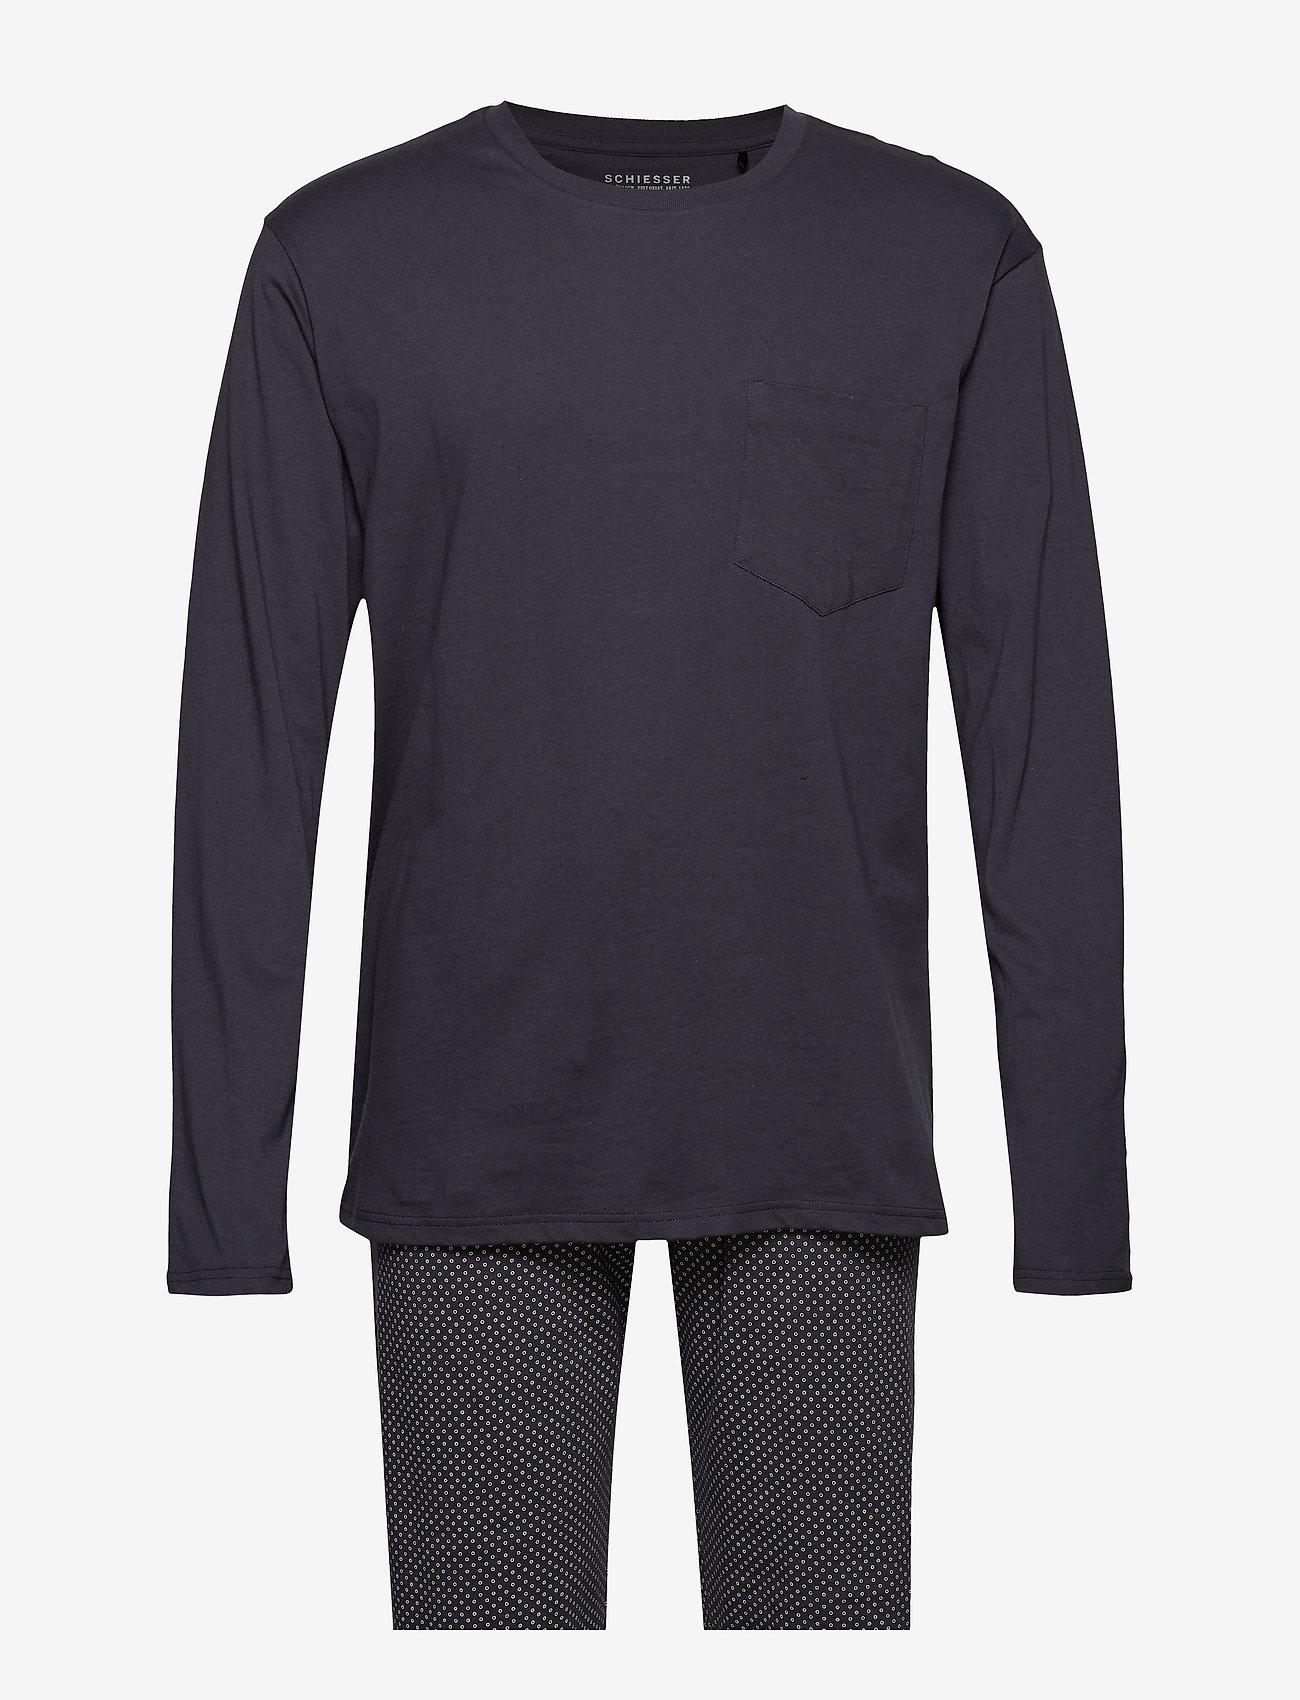 Schiesser - Pyjama Long - pyjamas - anthracite - 0